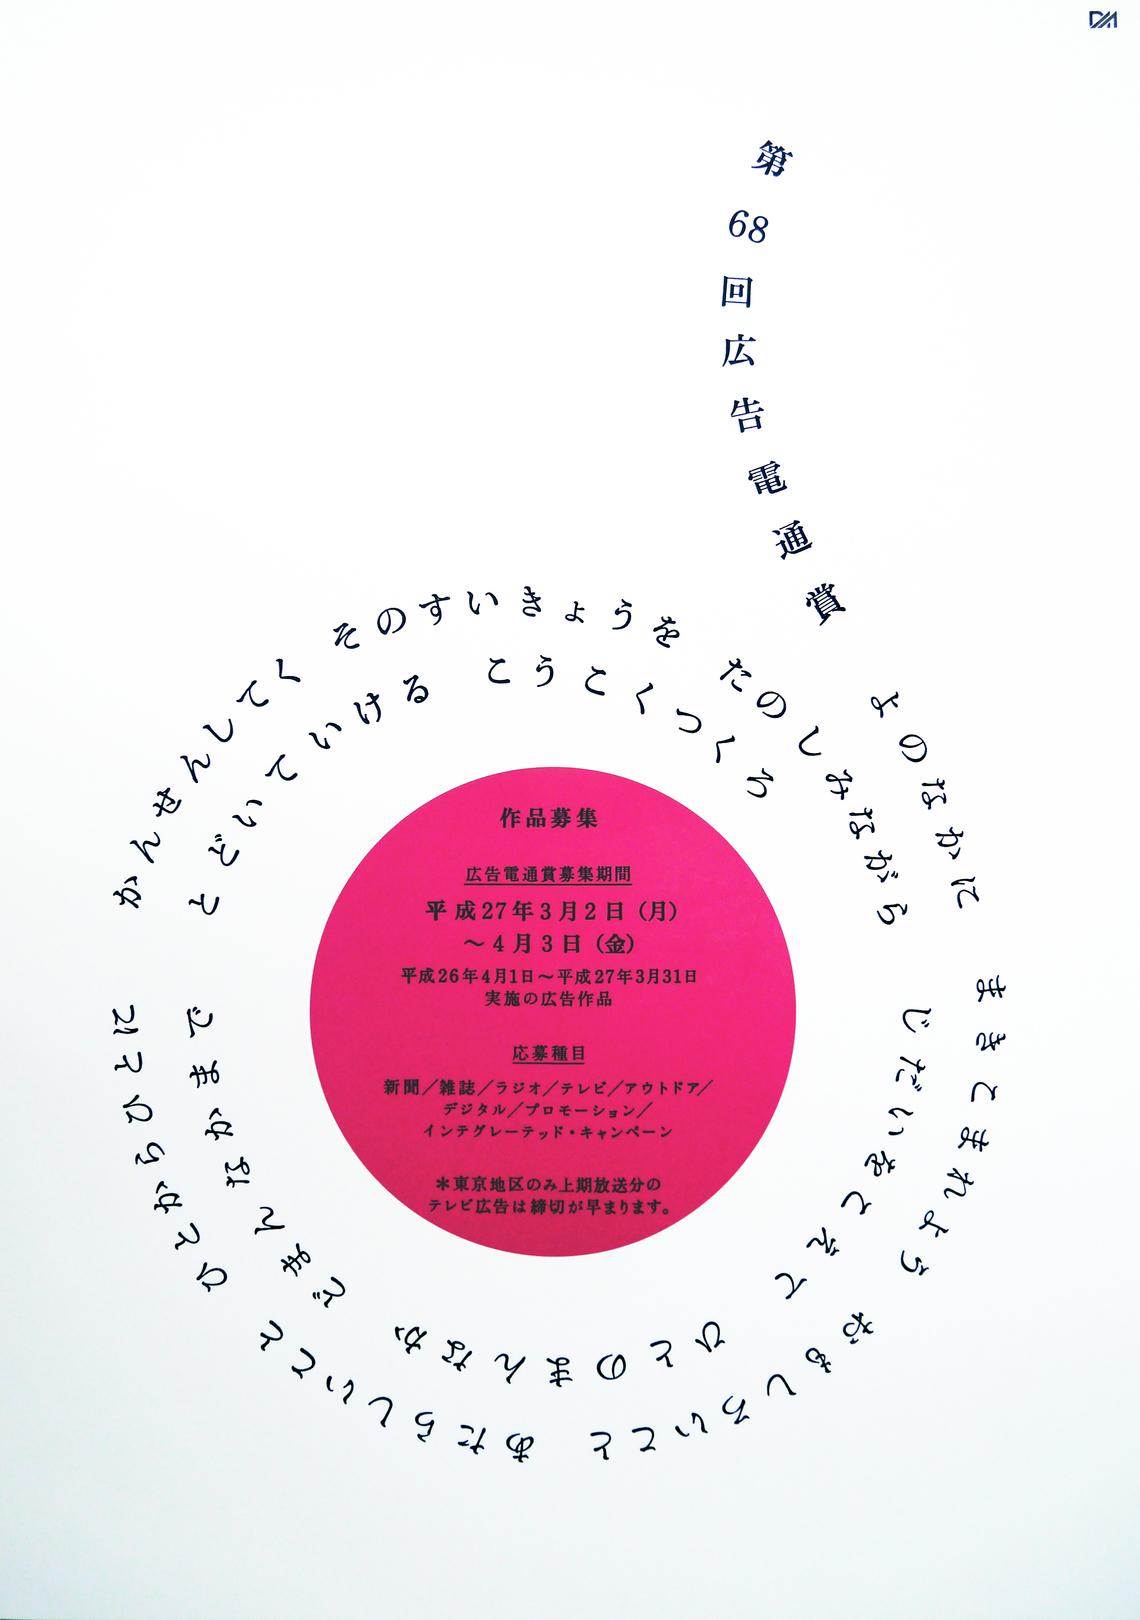 広告電通賞ポスター